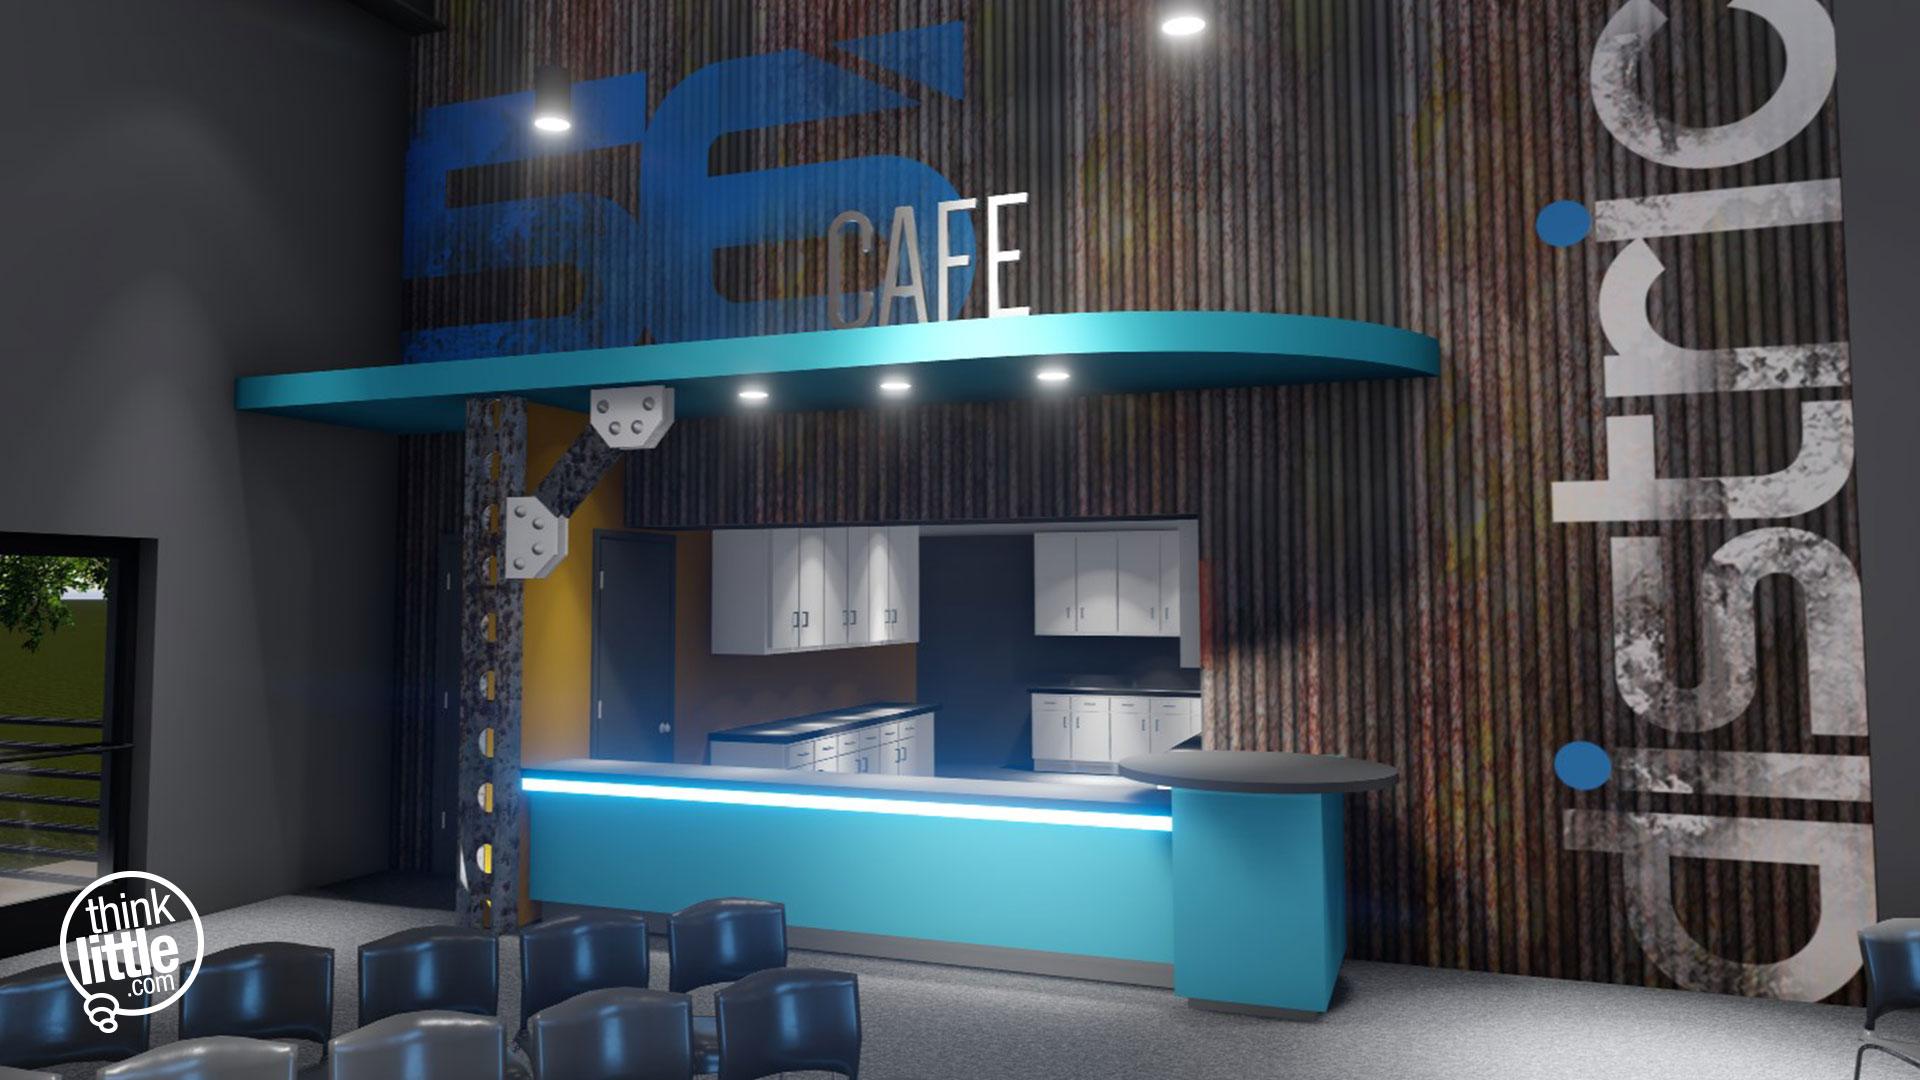 District-Cafe-Design